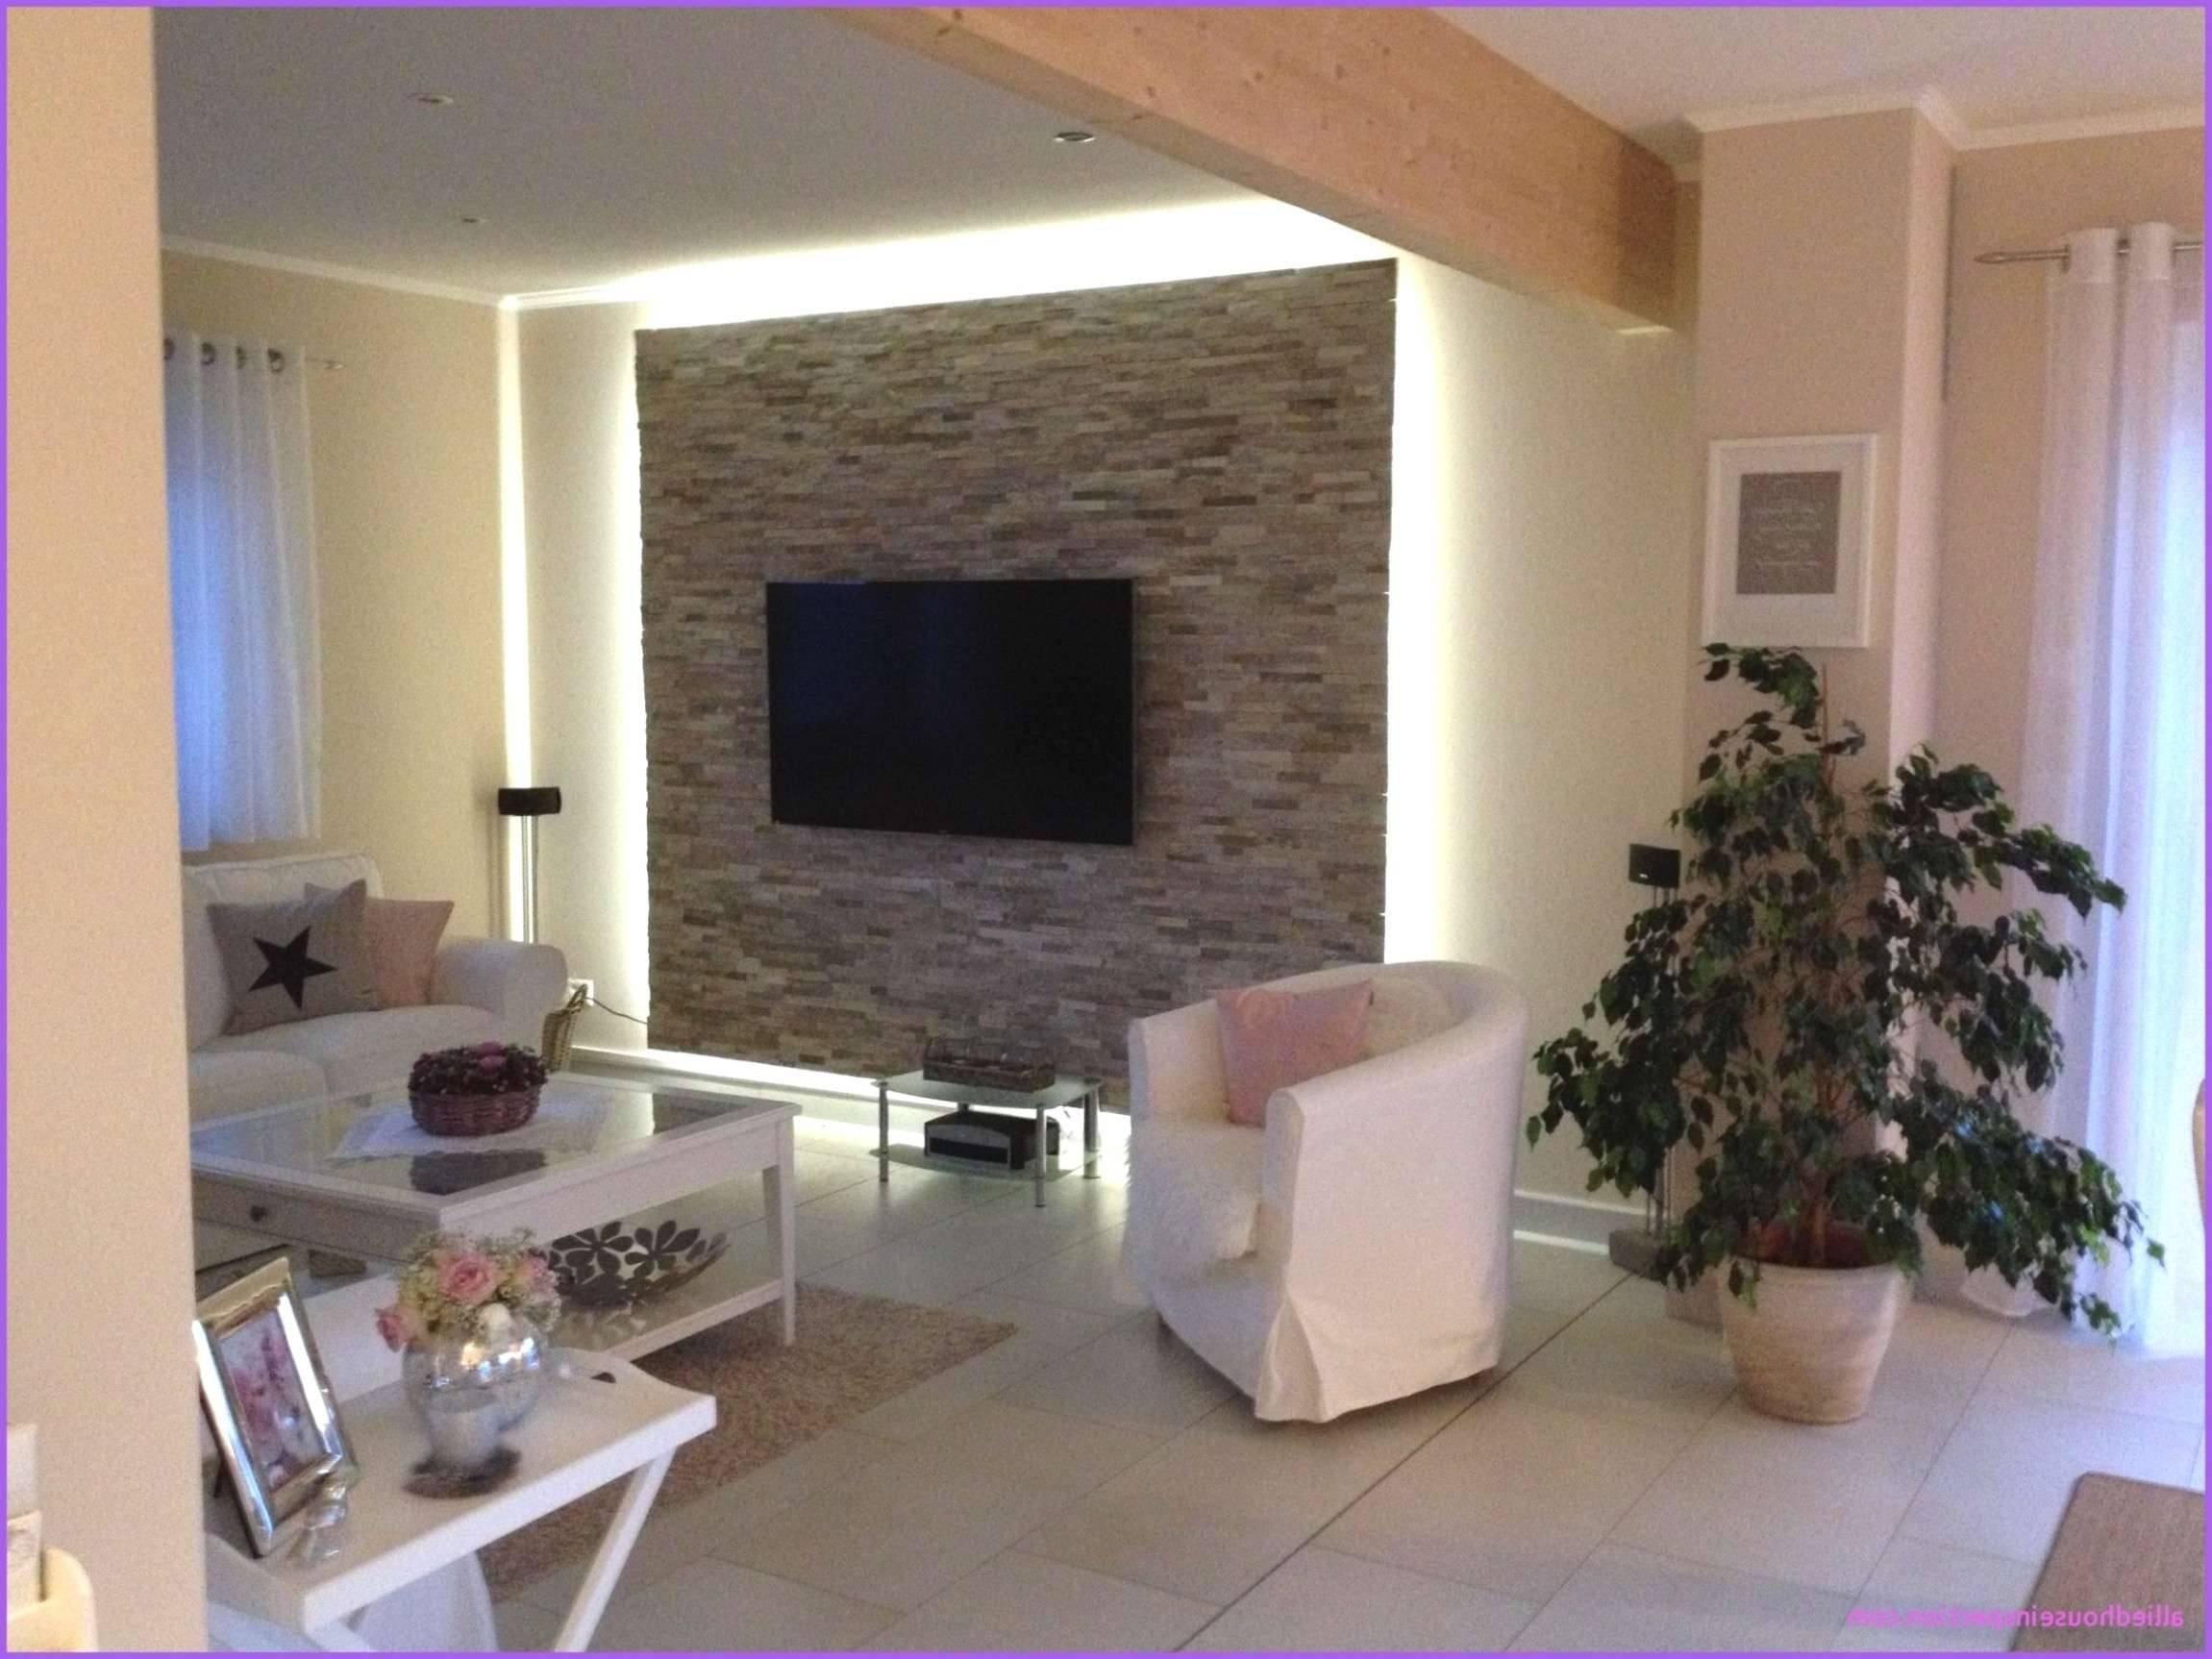 wohnzimmer dekoration kaufen fresh tapeten wohnzimmer ideen einzigartig moderne wohnzimmer 0d archives of wohnzimmer dekoration kaufen